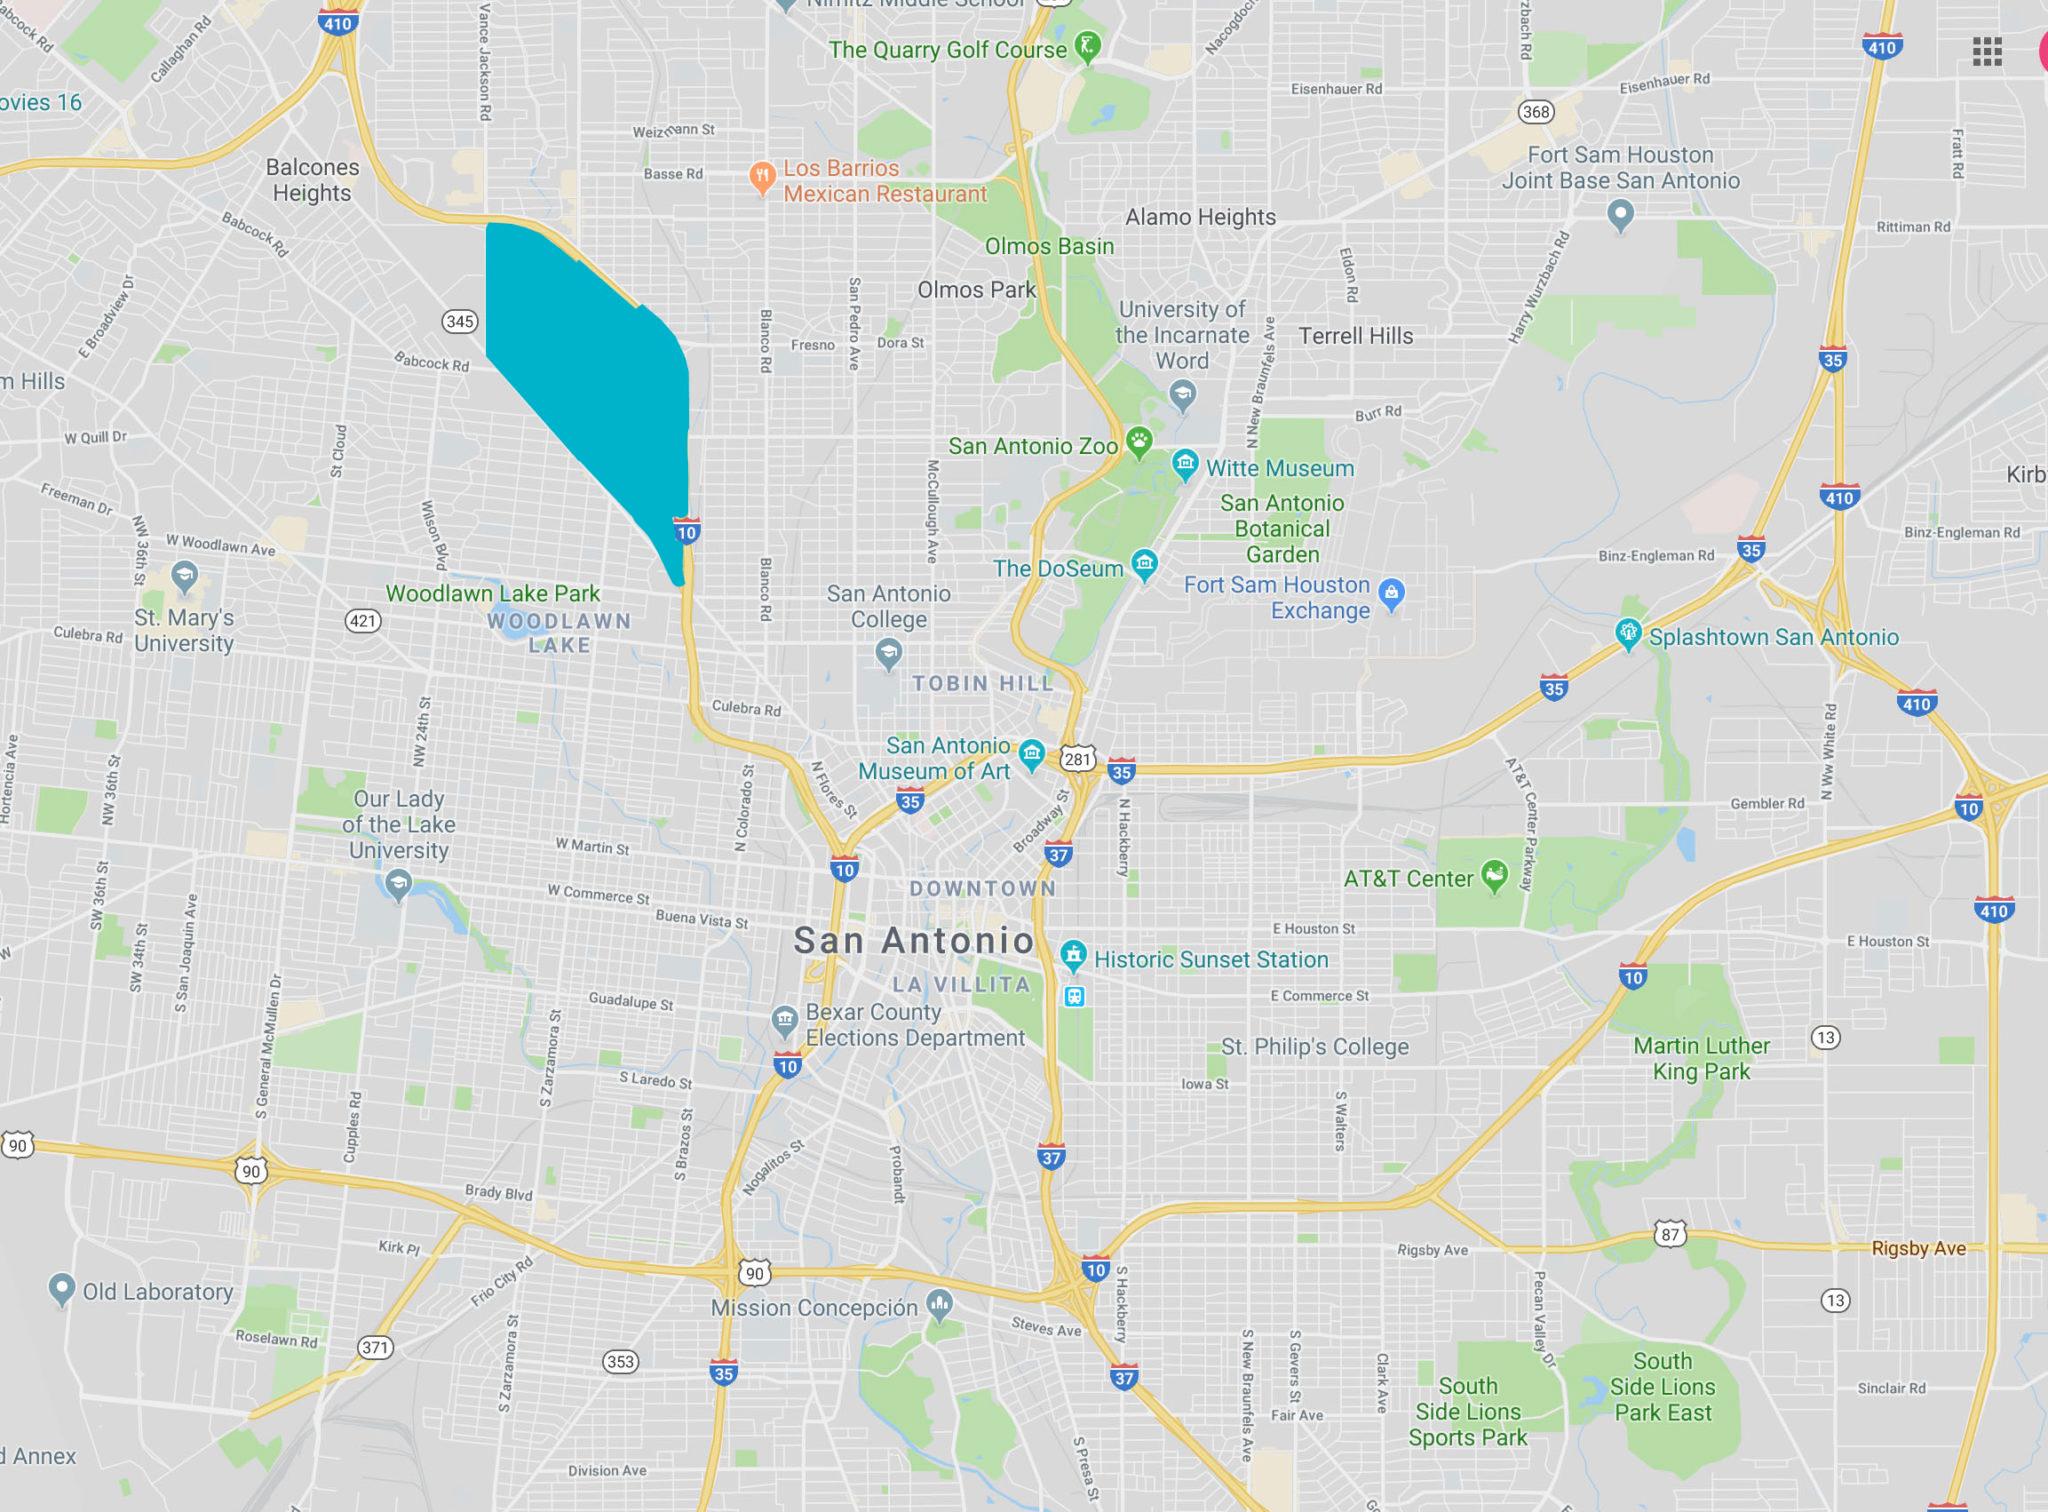 The Los Angeles Heights-Keystone neighborhood in San Antonio is shaded in blue.